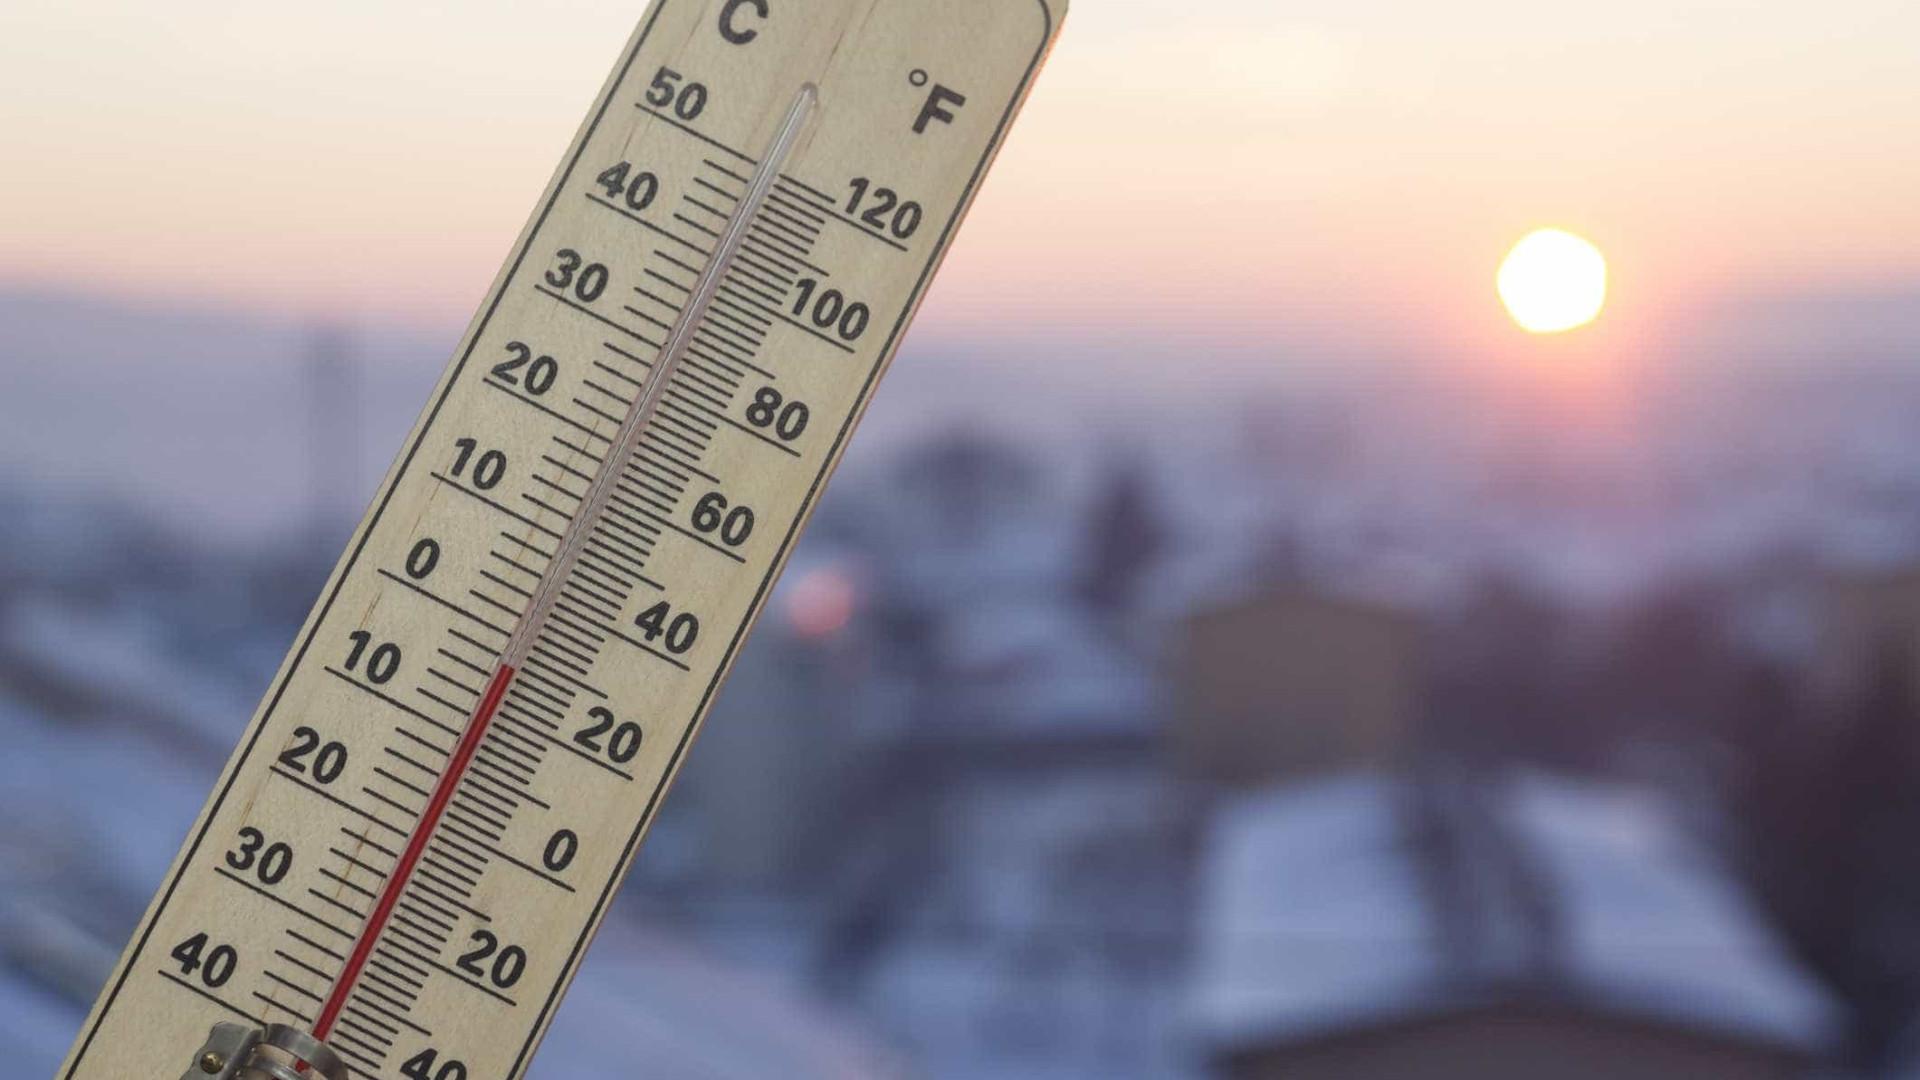 Calor deixa sete distritos sob aviso amarelo. Há cidades com 38 graus